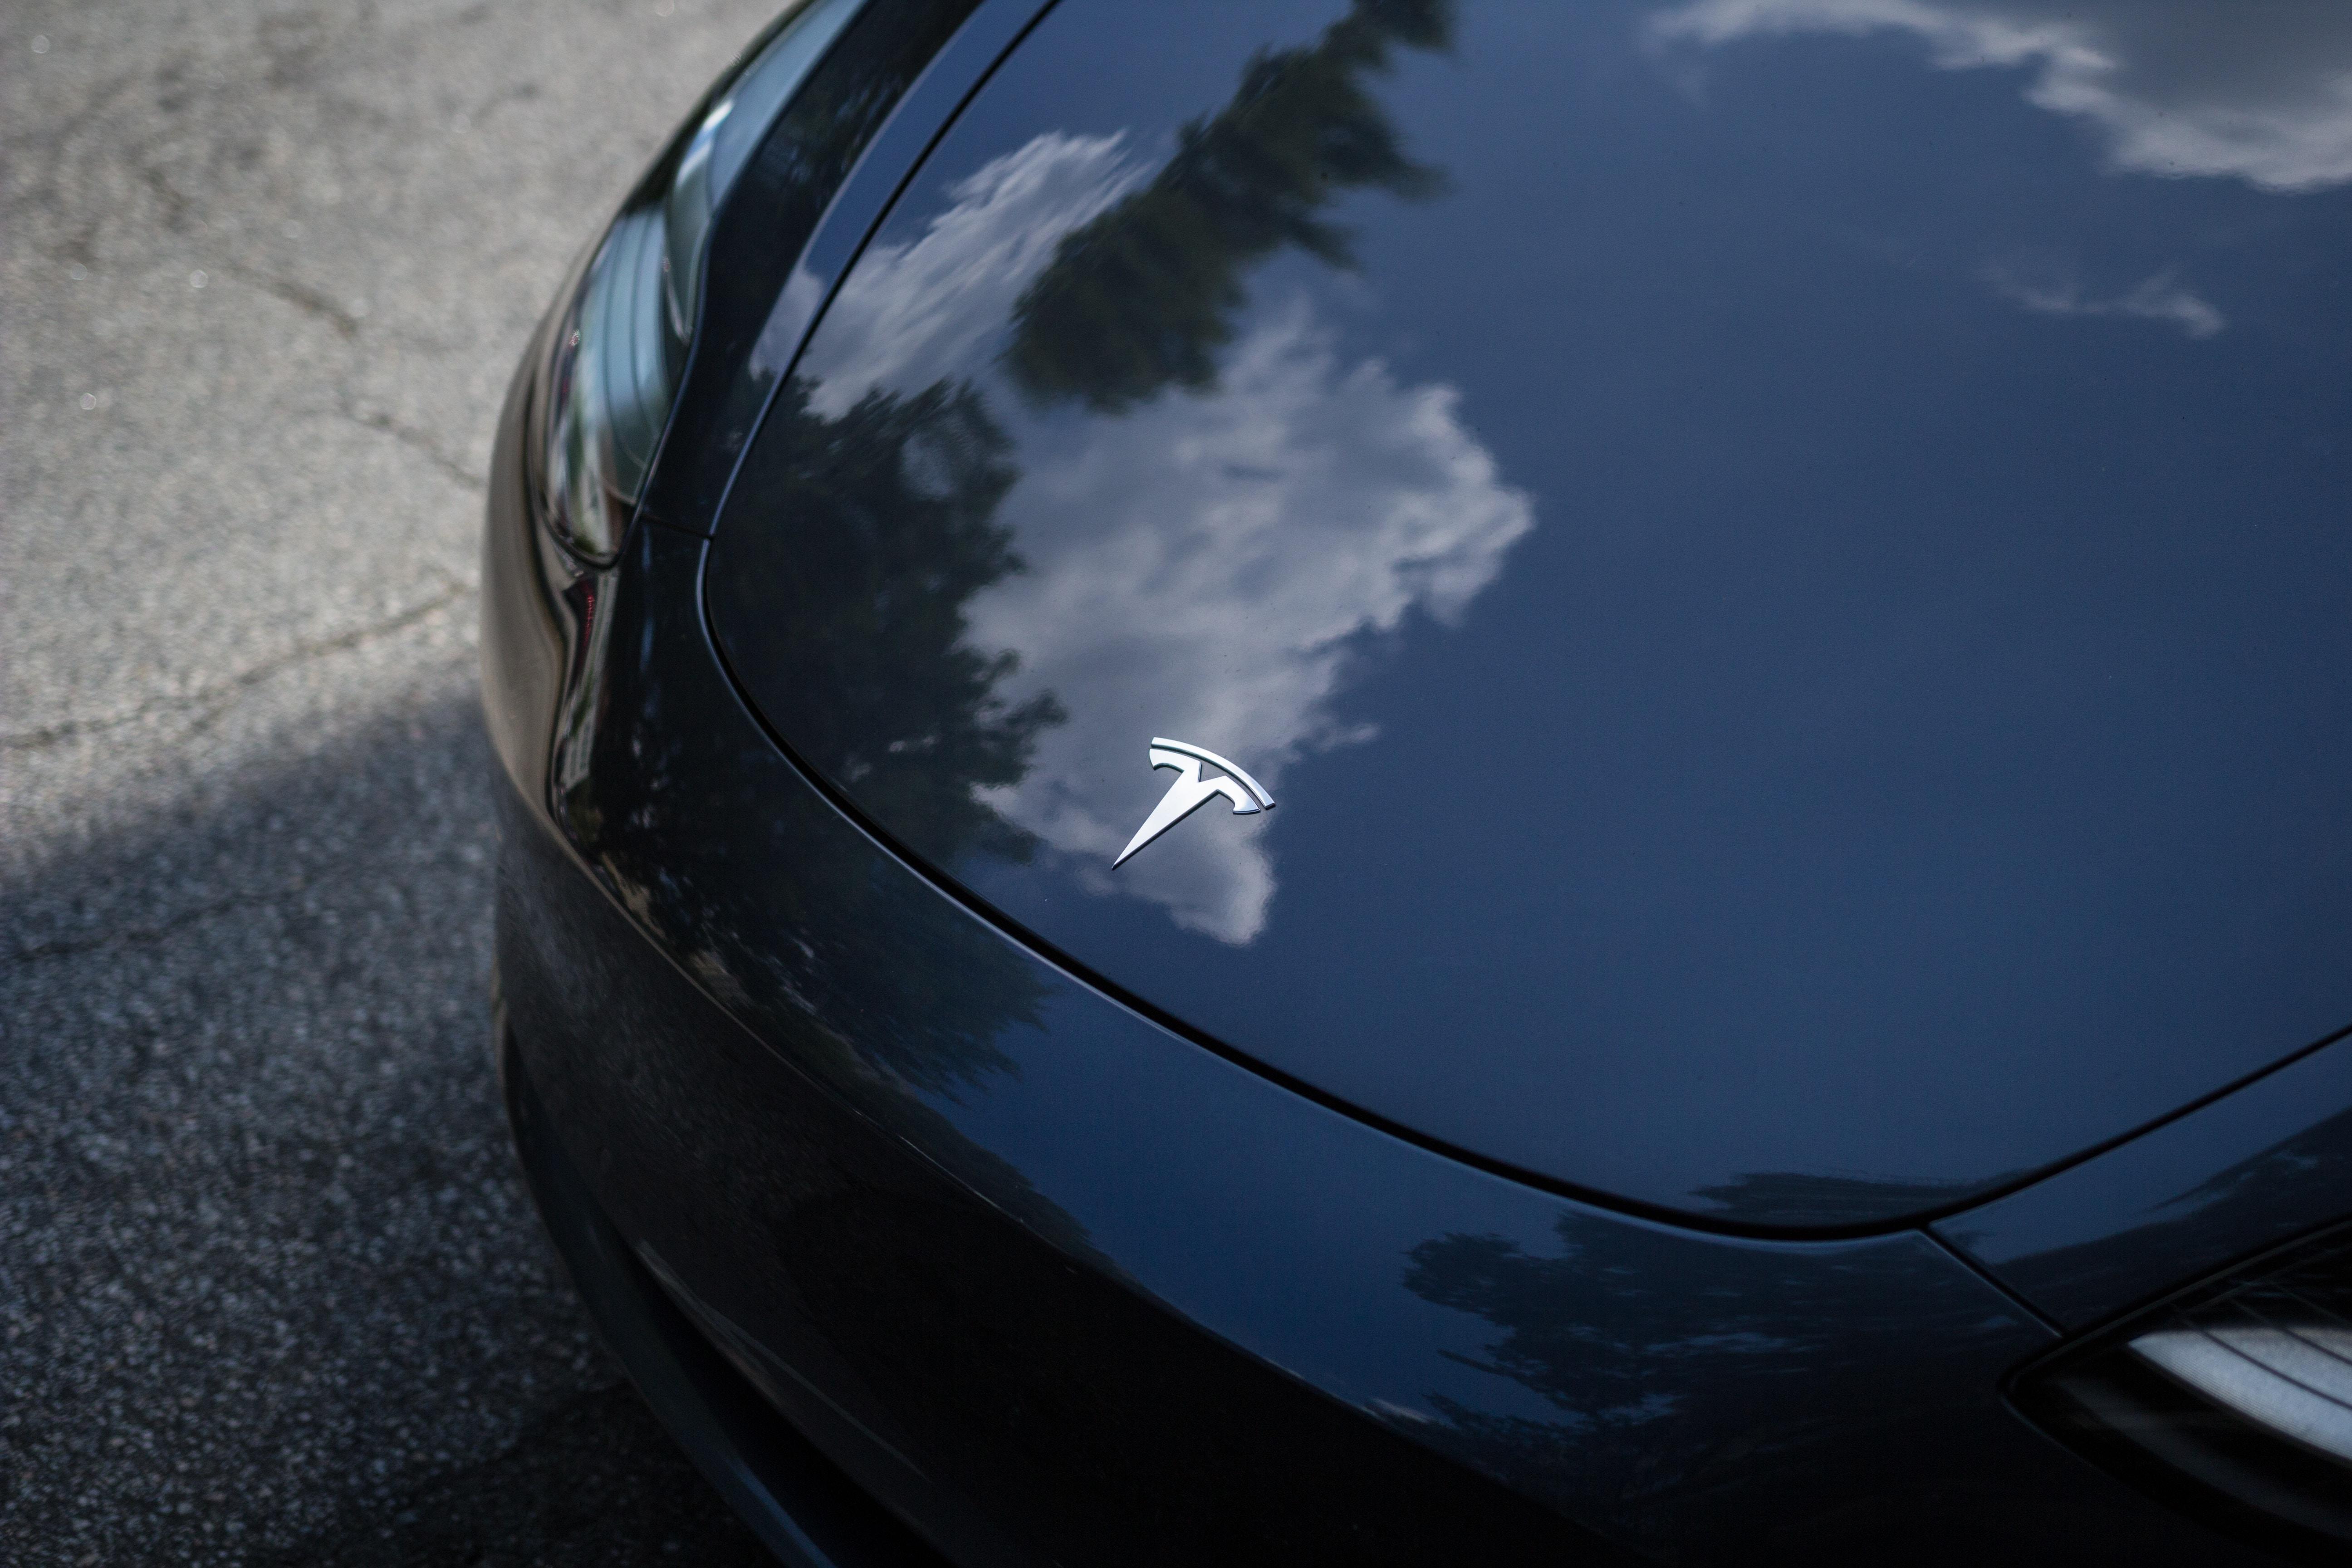 La Gigafactory allemande de Tesla portera bien son nom : elle devrait produire 500 000 voitures par an